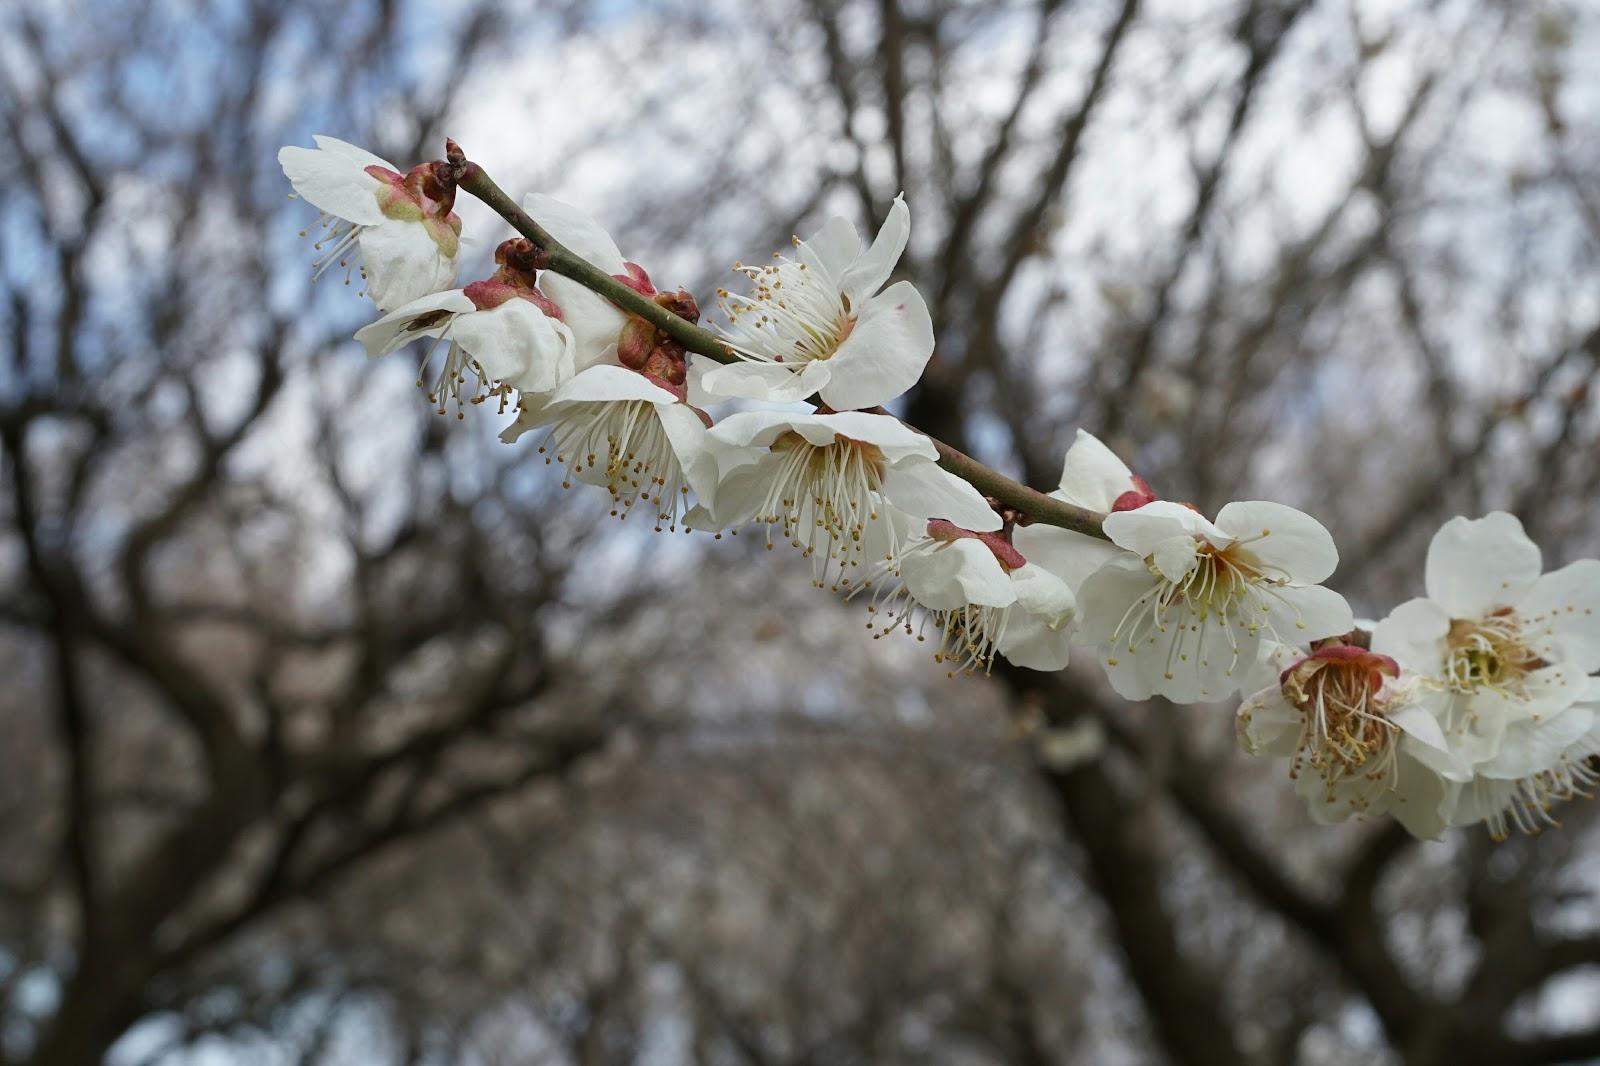 白梅の花咲いた小枝